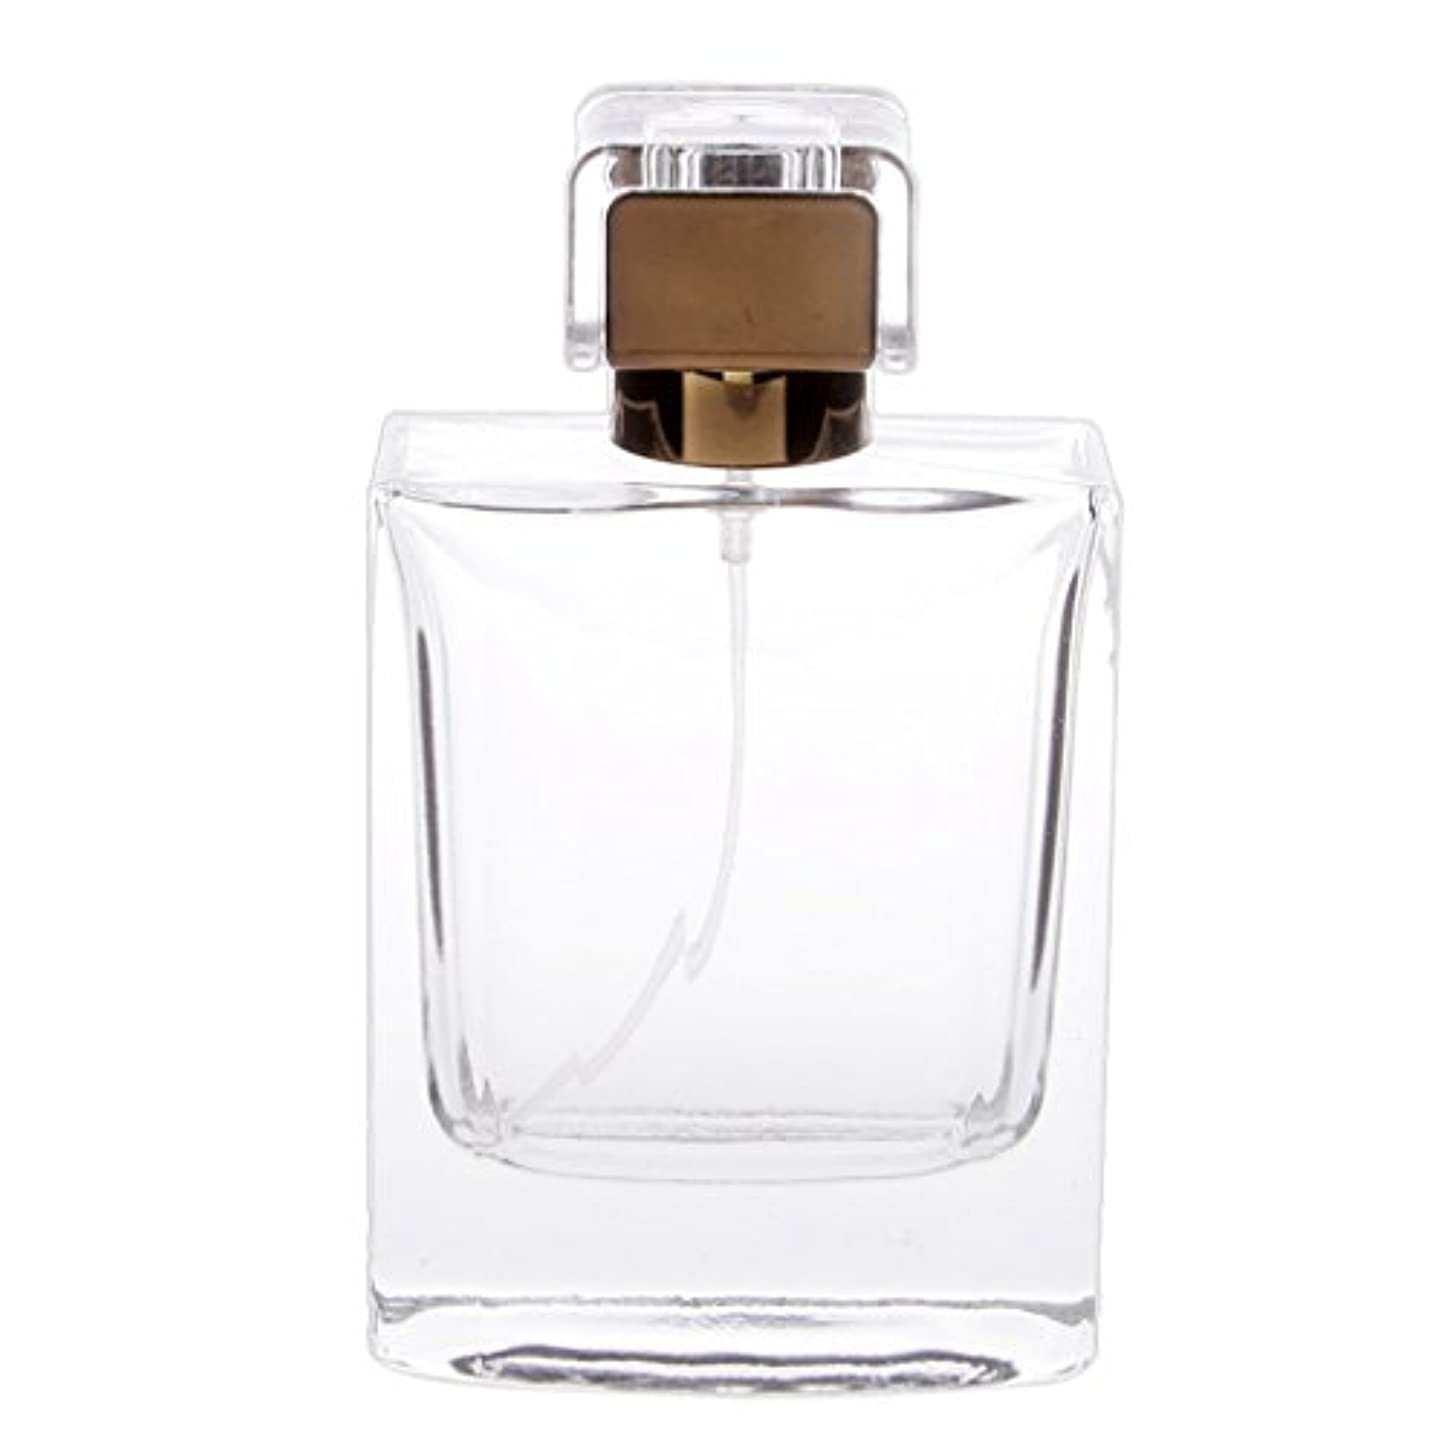 放棄攻撃減るノーブランド品  100ml  矩形 香水瓶 スプレーボトル アトマイザー 詰め替え 旅行携帯便利  - コー??ヒー